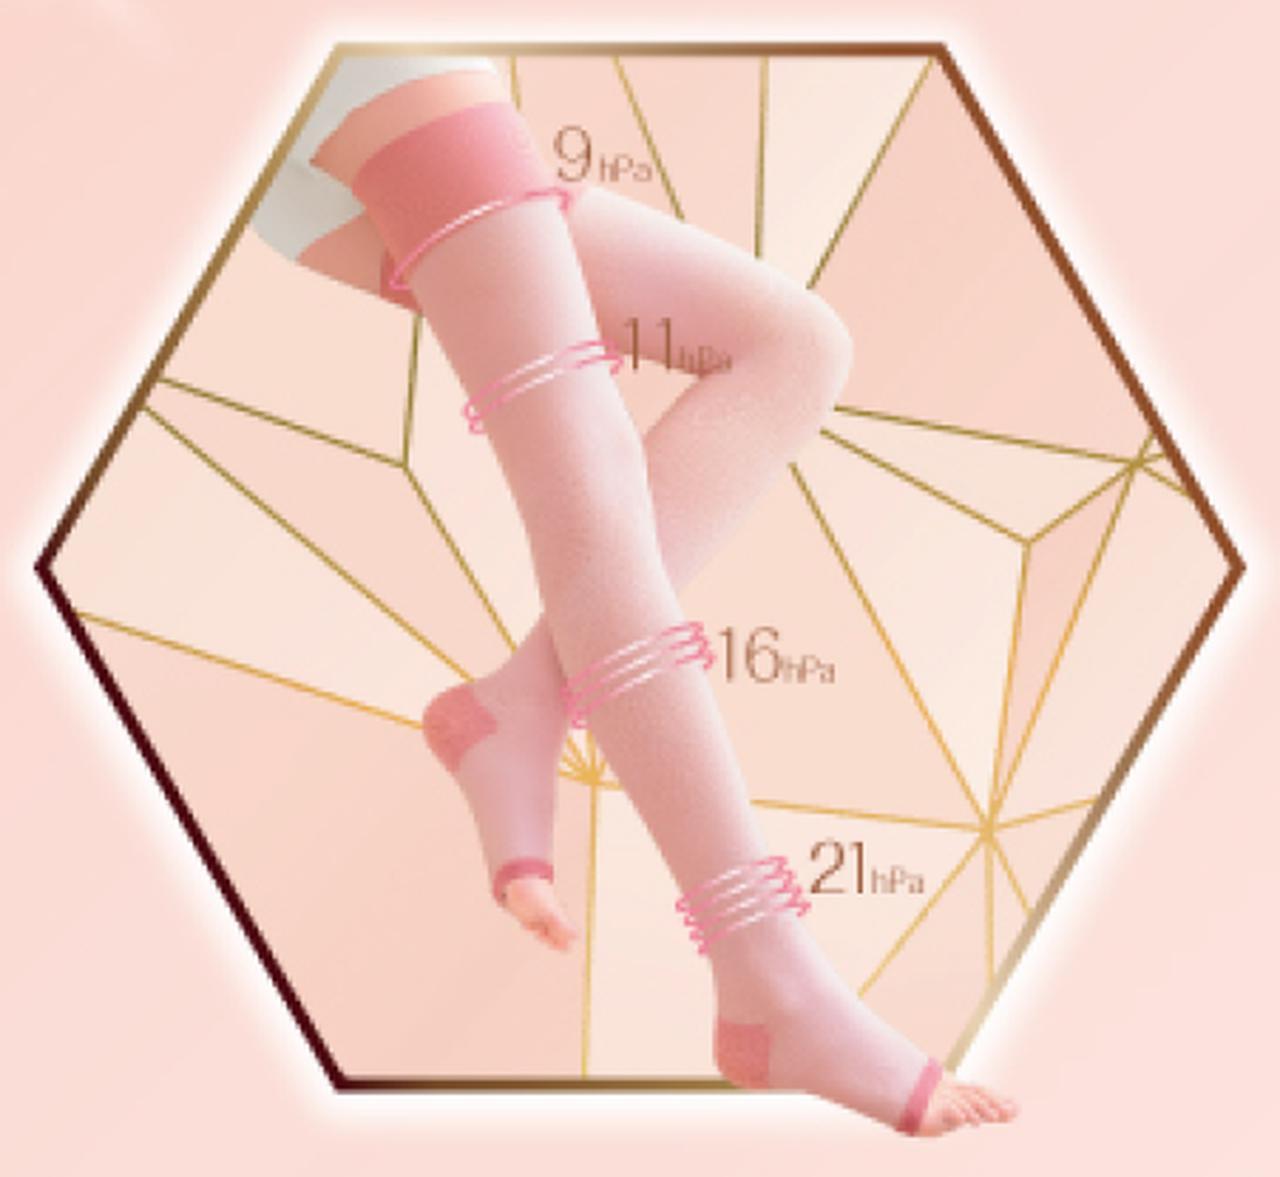 画像: ・段階圧力設計(足首21hPa、ふくらはぎ16 hPa、太もも11hPa、太ももの付け根9hPa)で脚を軽やかにスッキリ整える ・「コラーゲン配合繊維」を使用し、肌のうるおい約30%アップ※ ・ひざ上リフトケア設計でキュッと引き上げ ・ズレにくく跡残りしにくい ※本品及び当社「美脚スーパーロング」のレッグ部生地における皮膚水分率測定による比較。被験者5名での最小値は37%。